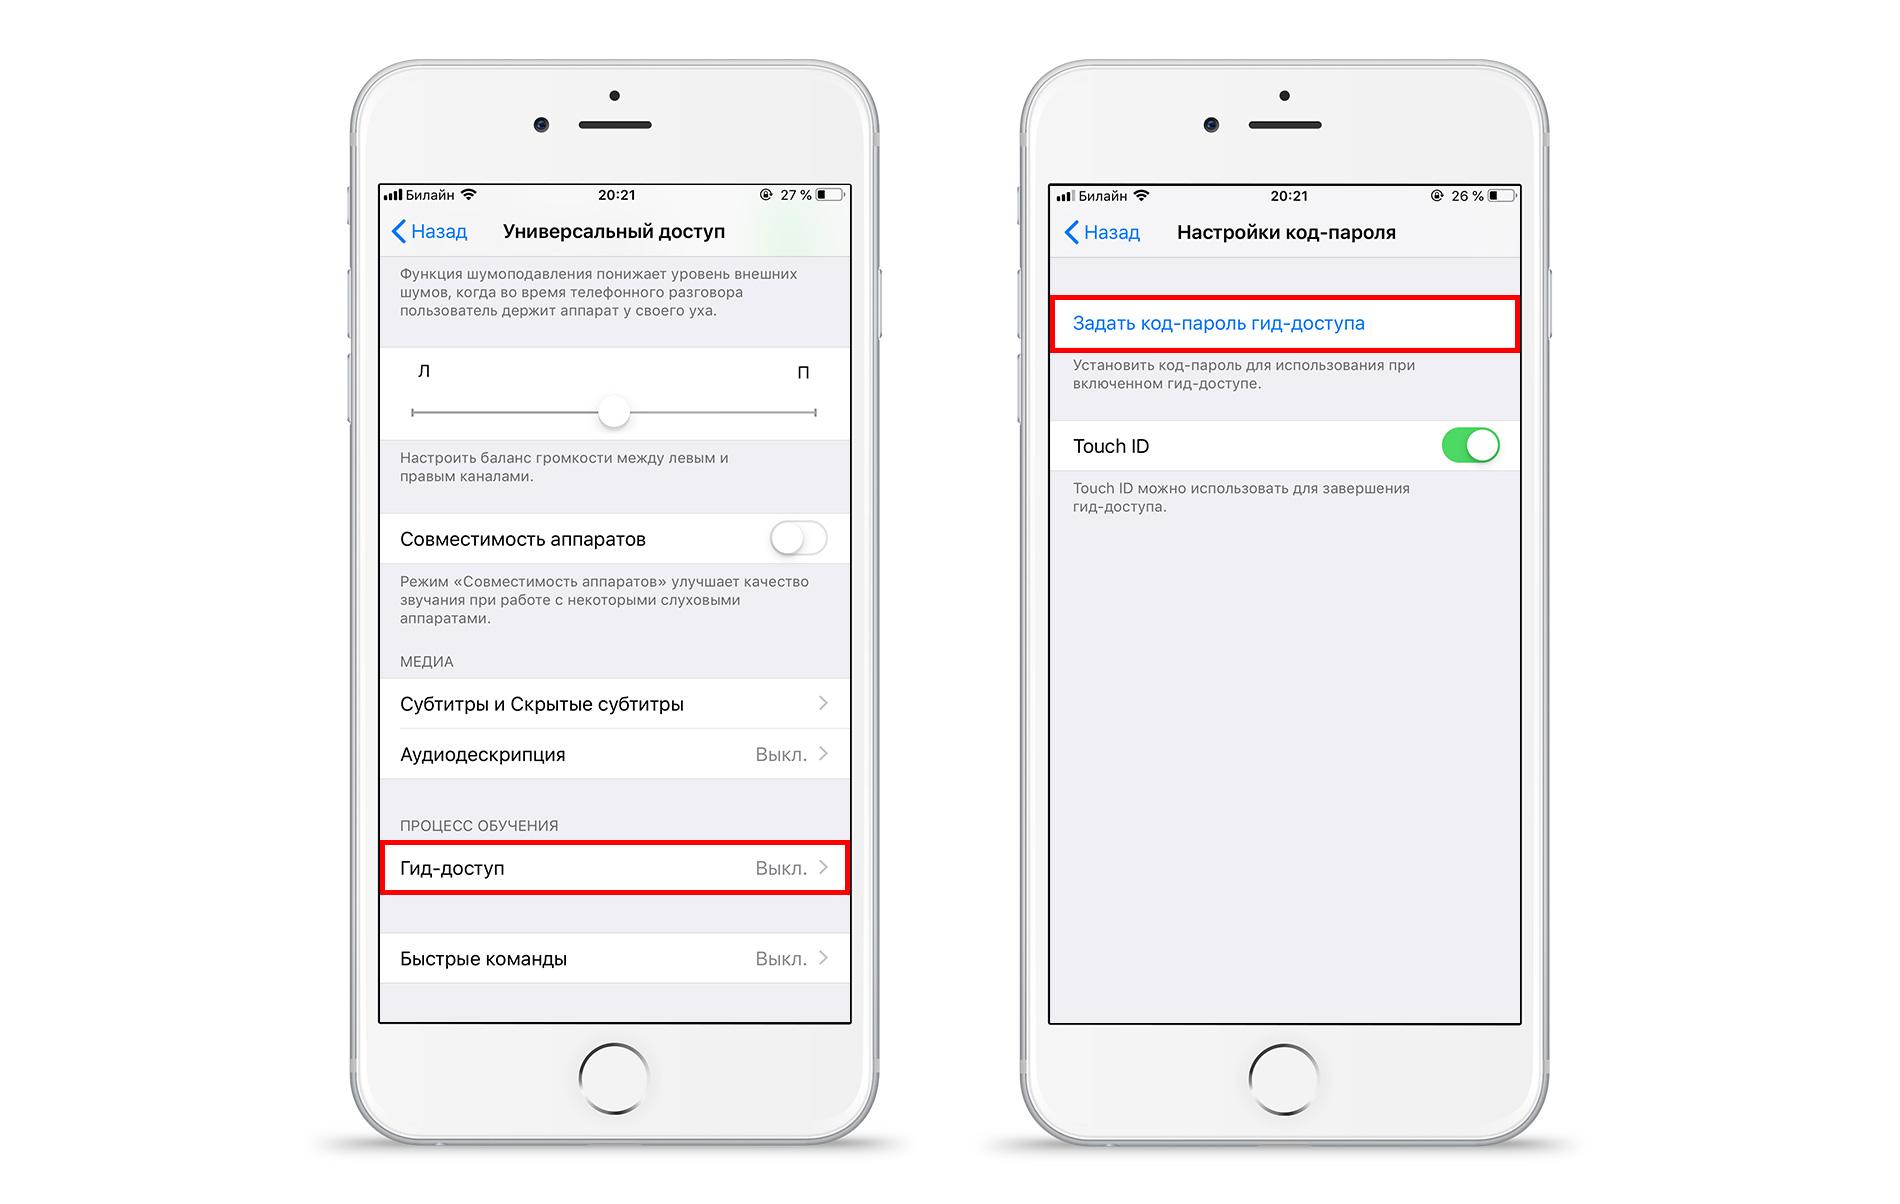 """Функция """"Гид-доступ"""" на iPhone"""